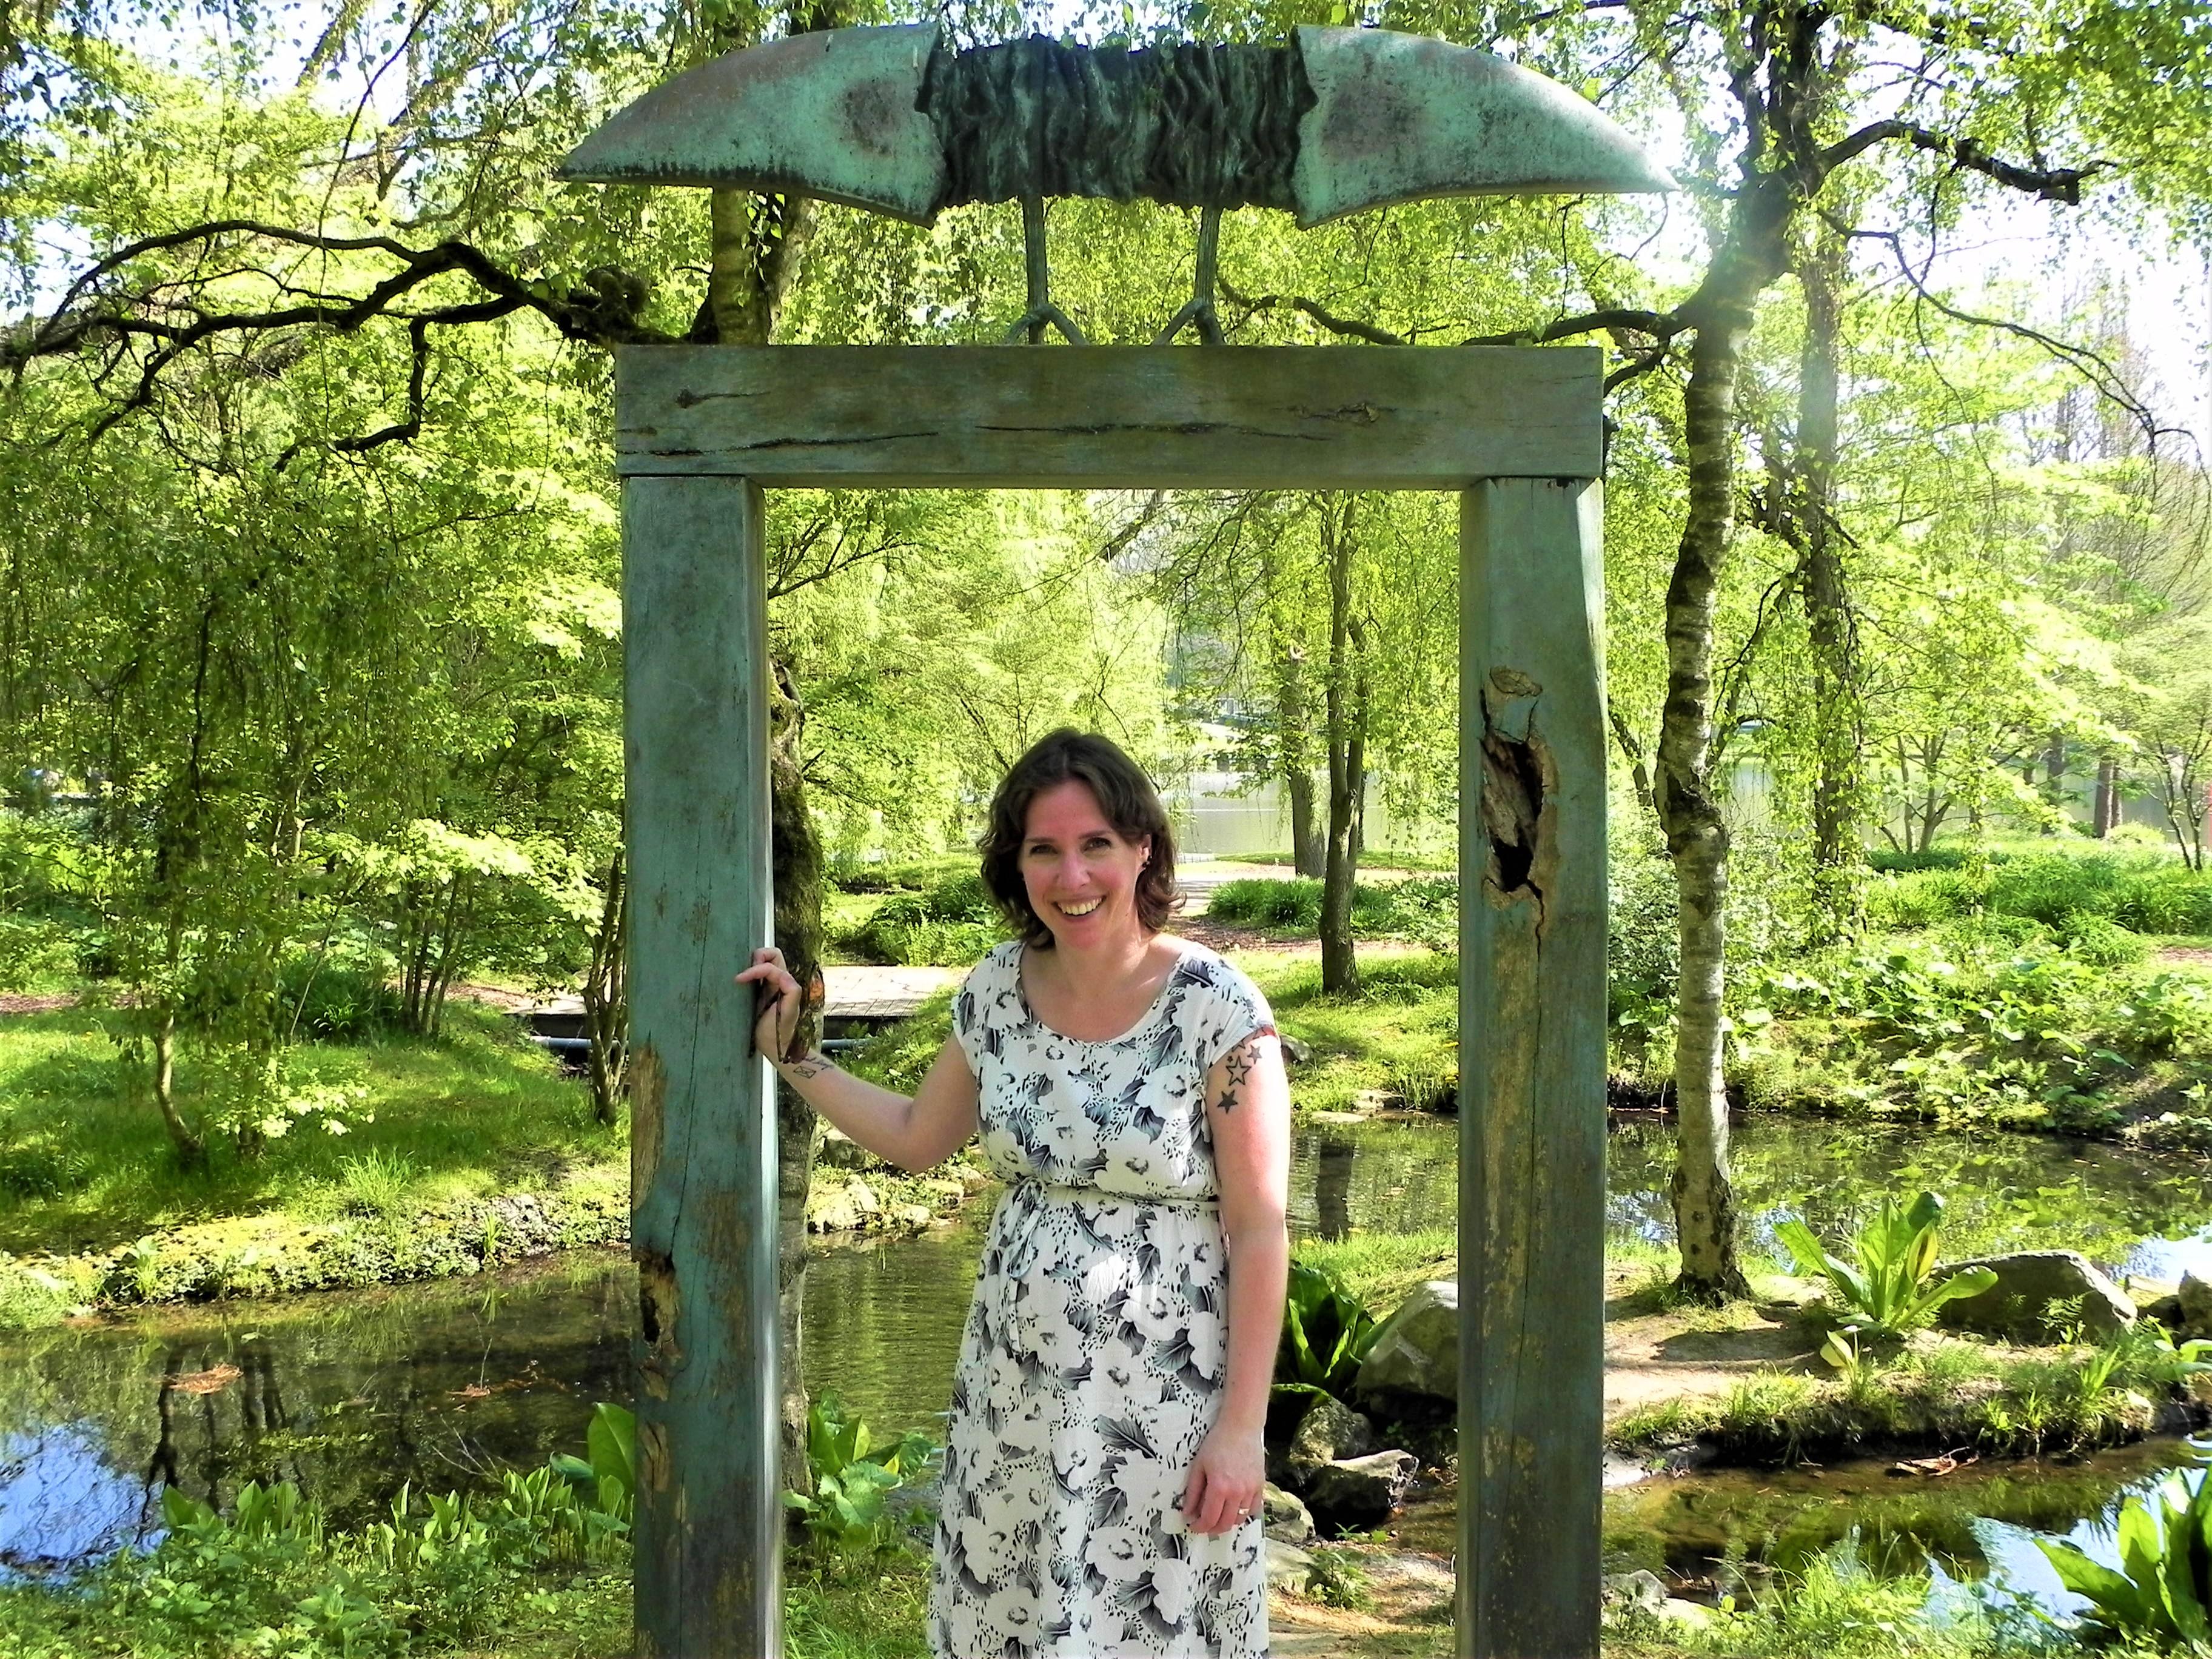 zwanger, blog, mamablog, derde zwangerschap, mamalifestyle, blog, zwangerschap, lalog, lalog.nl, lalogblog